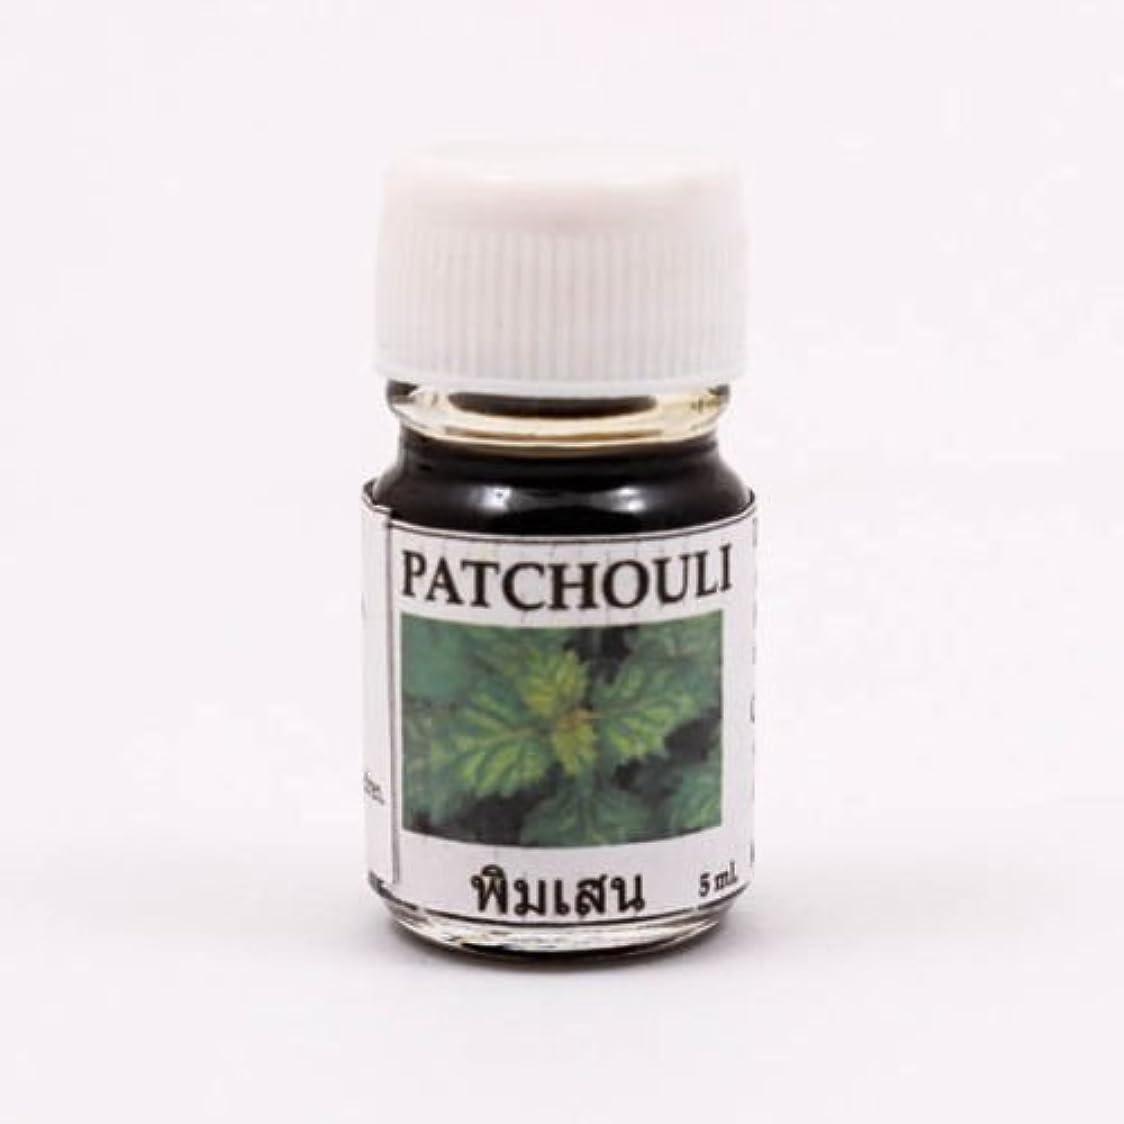 エンドウ剃る同級生6X Patchouli Aroma Fragrance Essential Oil 5ML. cc Diffuser Burner Therapy